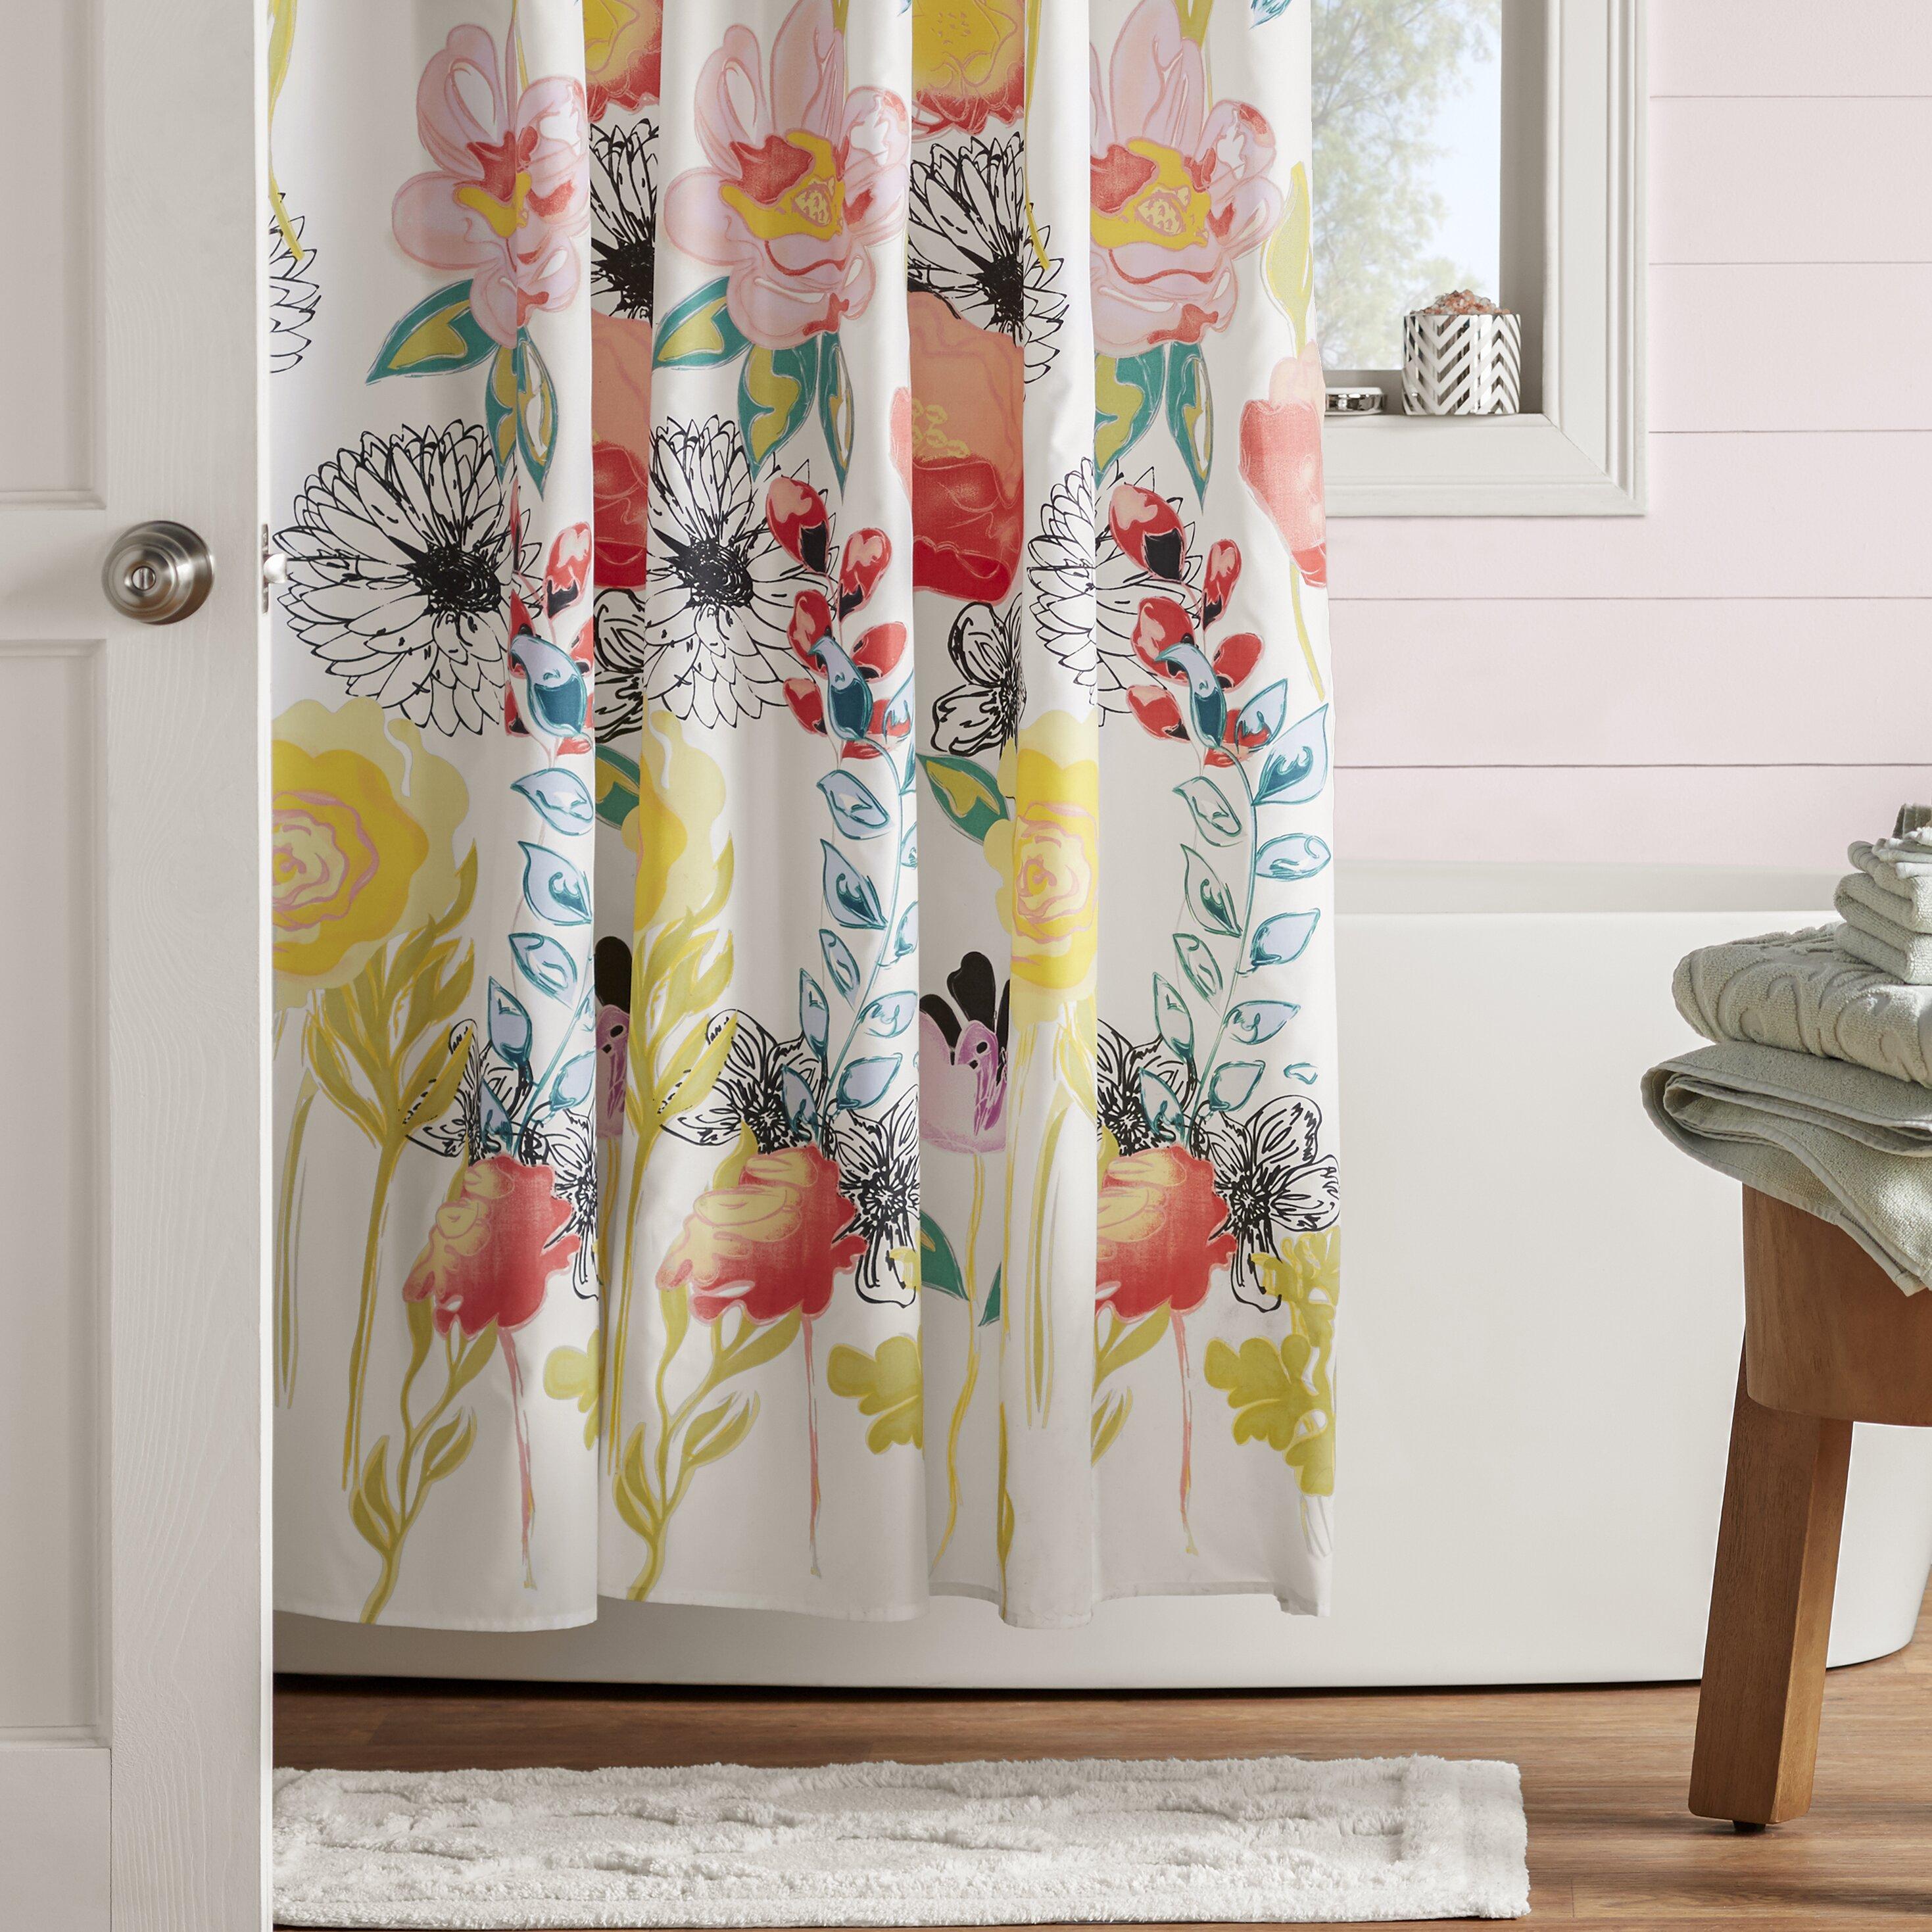 Debbie Shower Curtain  Reviews Joss  Main - Shower curtain